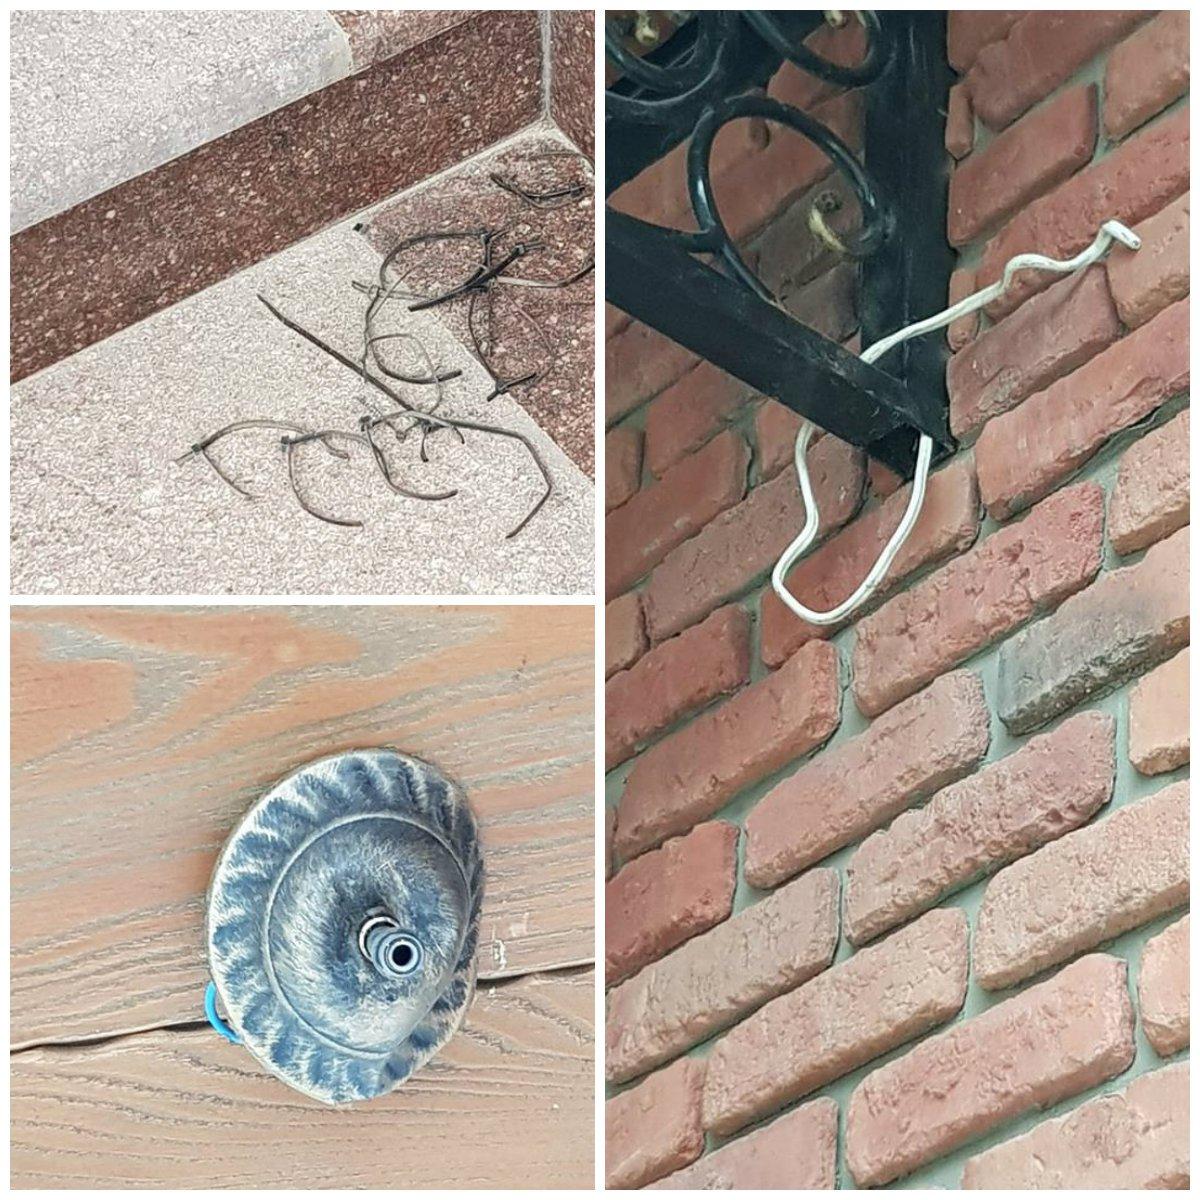 Торчащие провода и согнутый светильник - последствия хулиганства